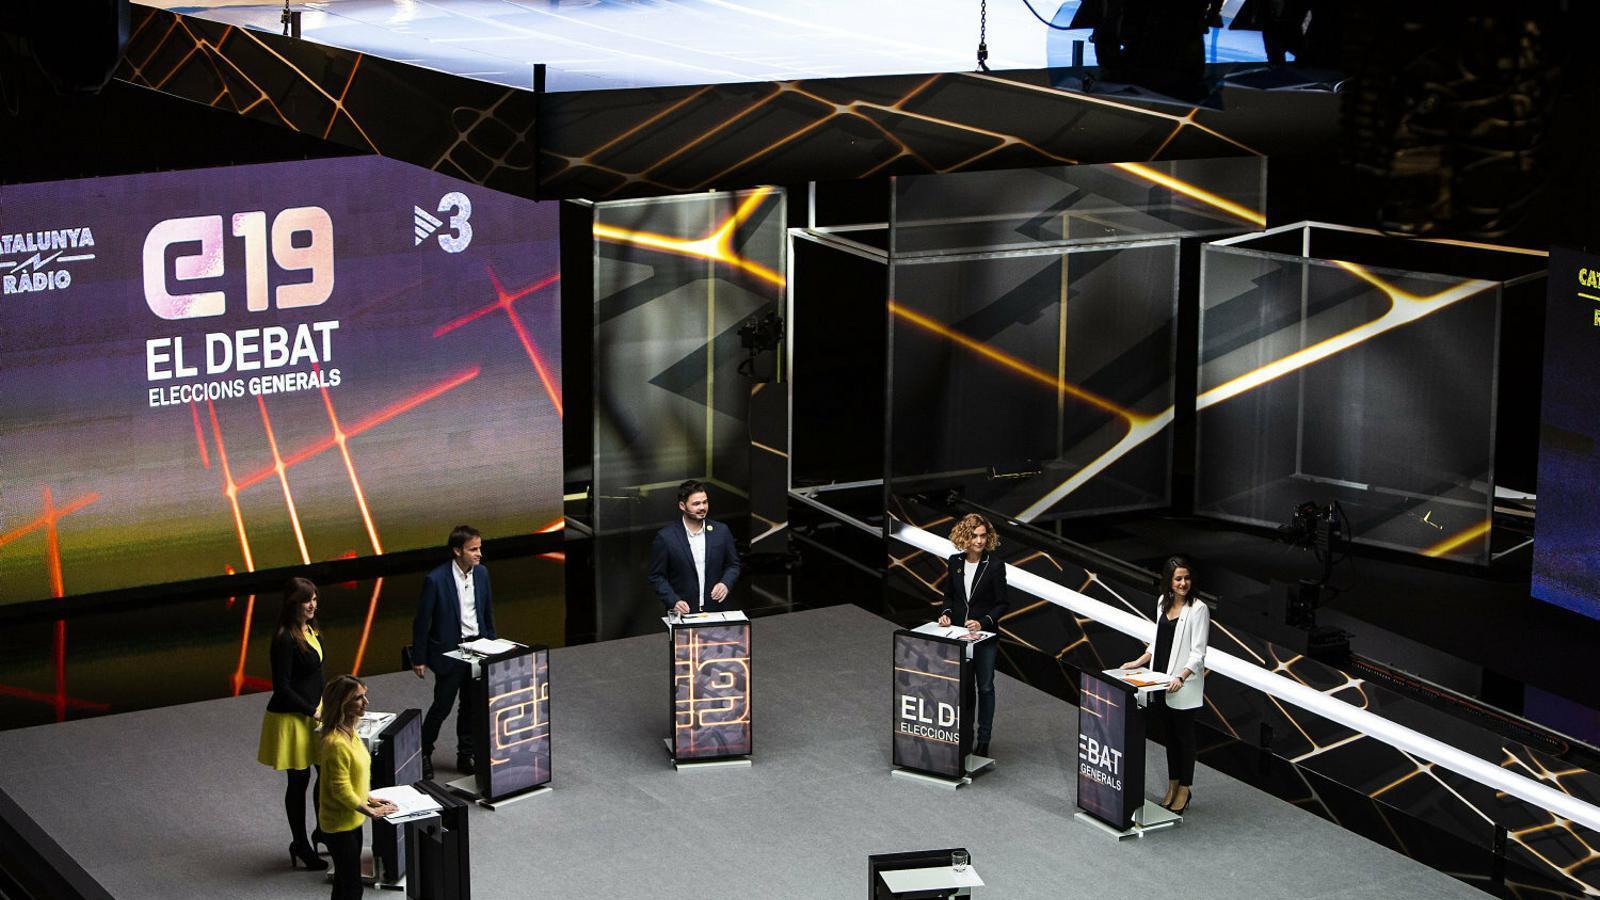 Batet concentra els atacs d'un debat amb treva independentista